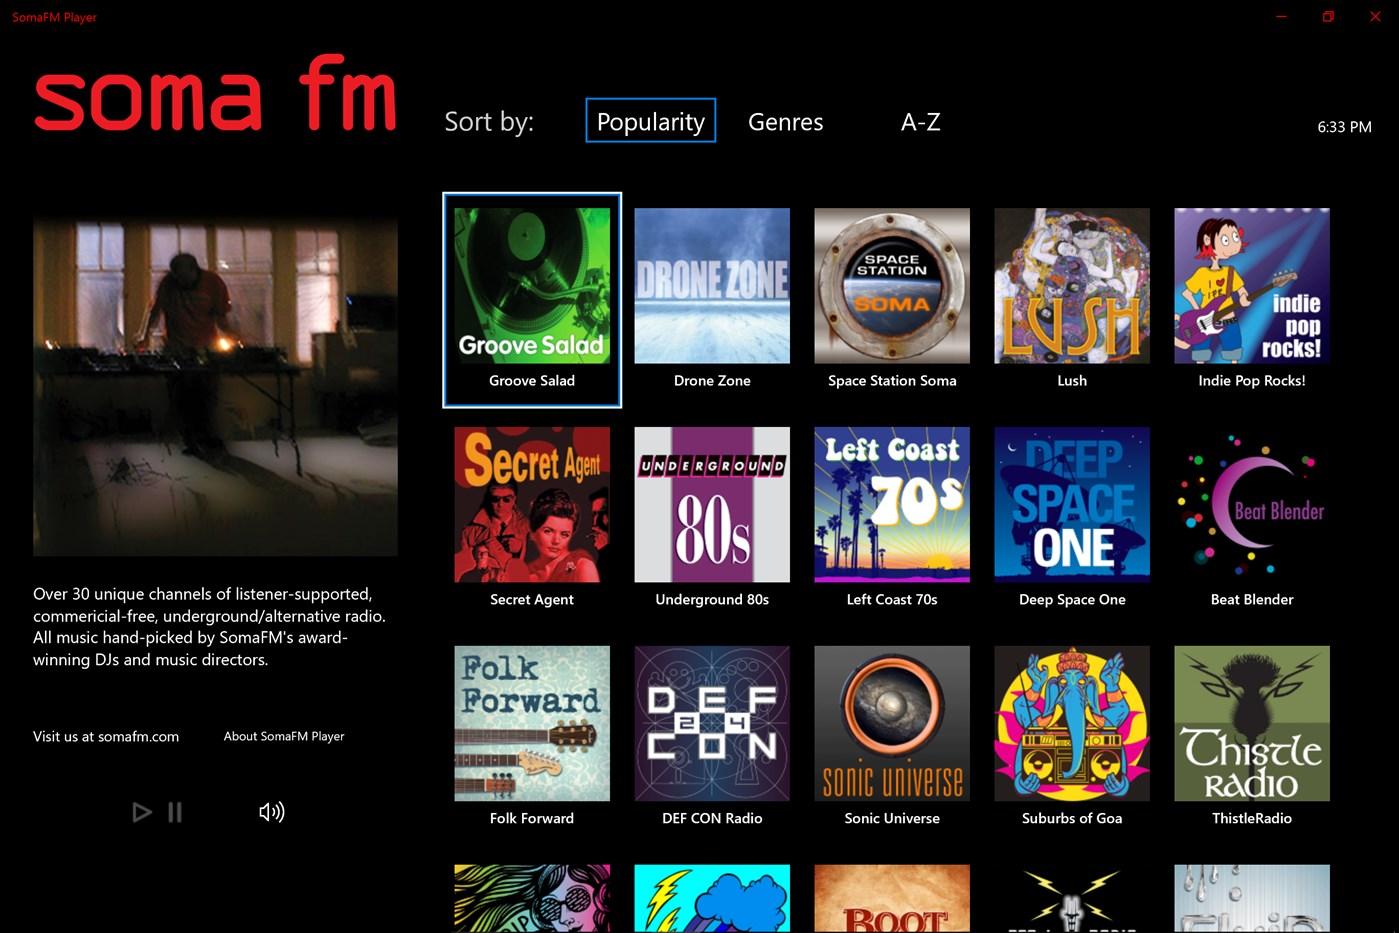 Situs untuk Pemutaran Musik Online yang Sedang Tren